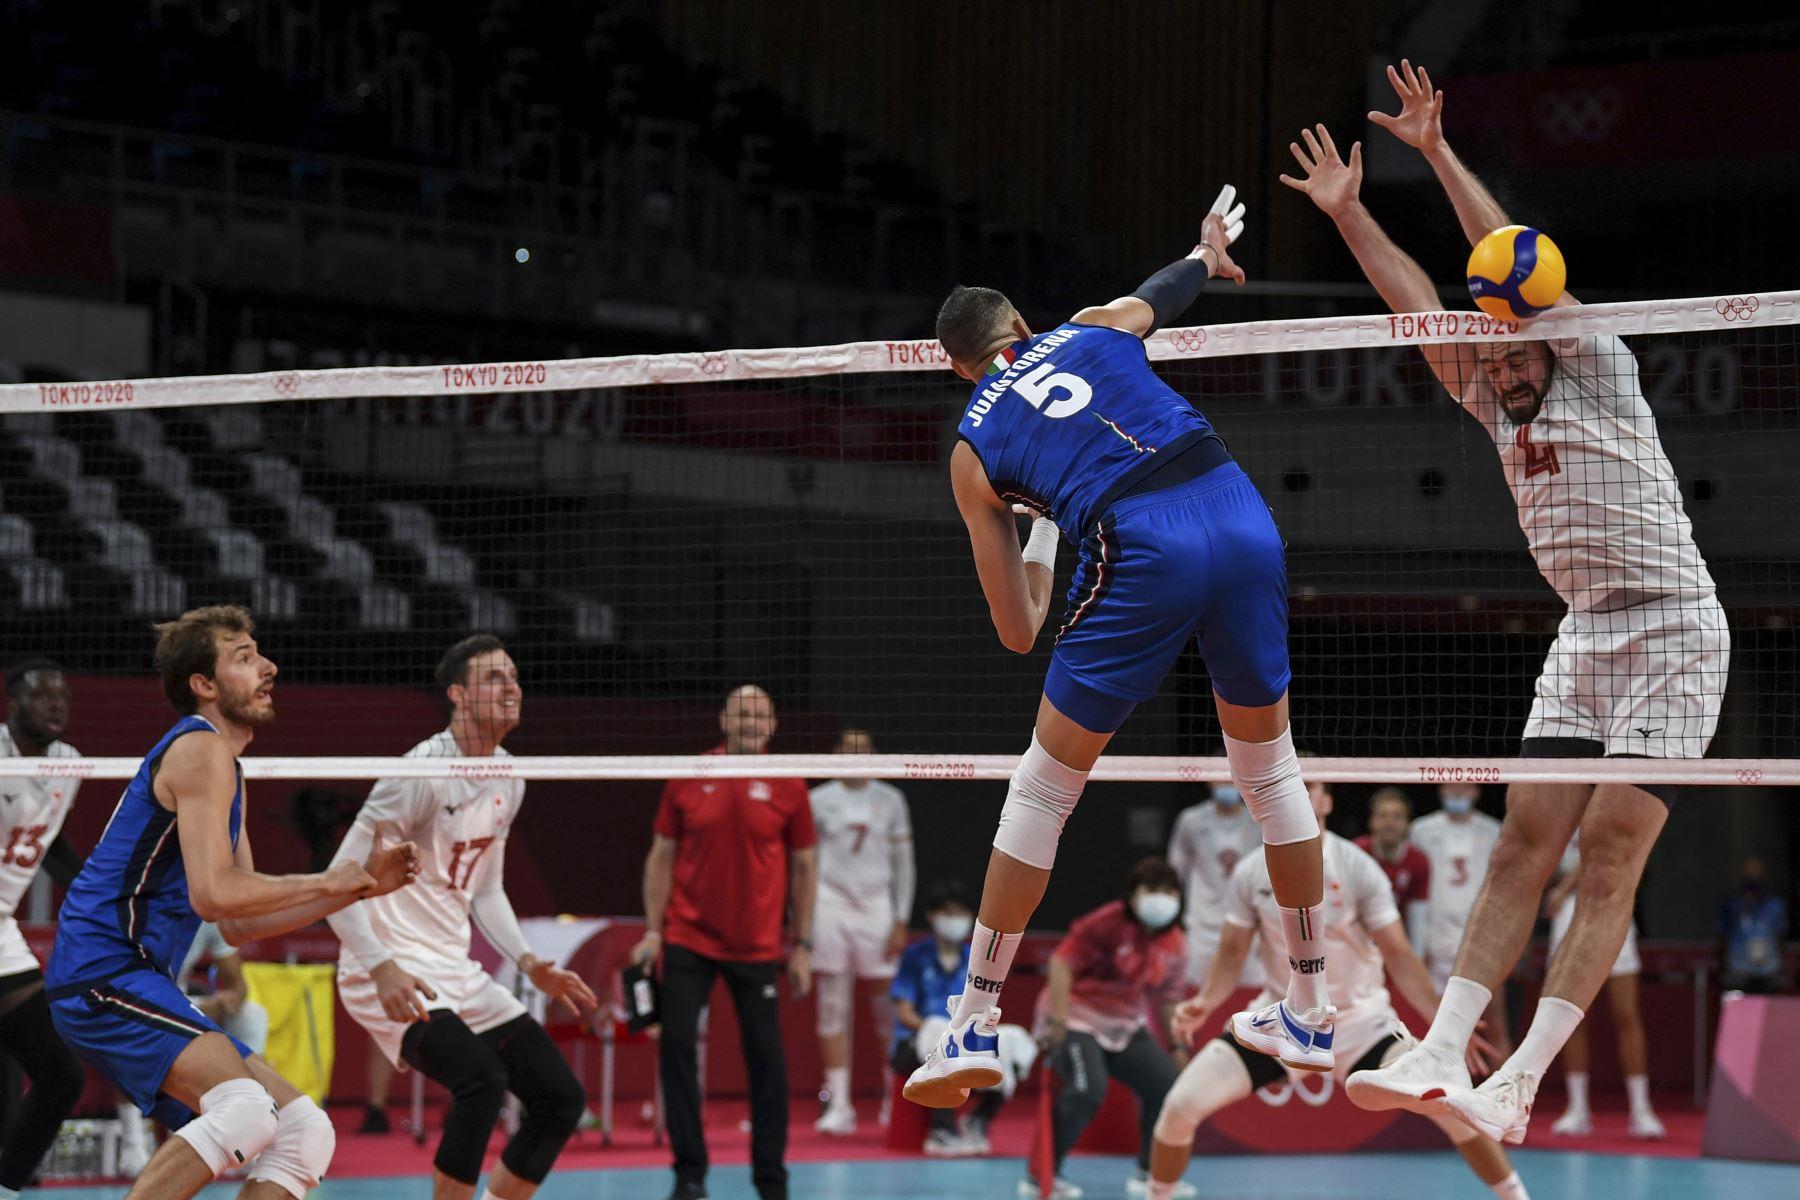 El italiano Osmany Juantorena remata la pelota mientras el canadiense Nicholas Hoag lo bloquea durante partido de voleibol de la ronda preliminar masculina A entre Italia y Canadá por los Juegos Olímpicos de Tokio 2020. Foto: AFP